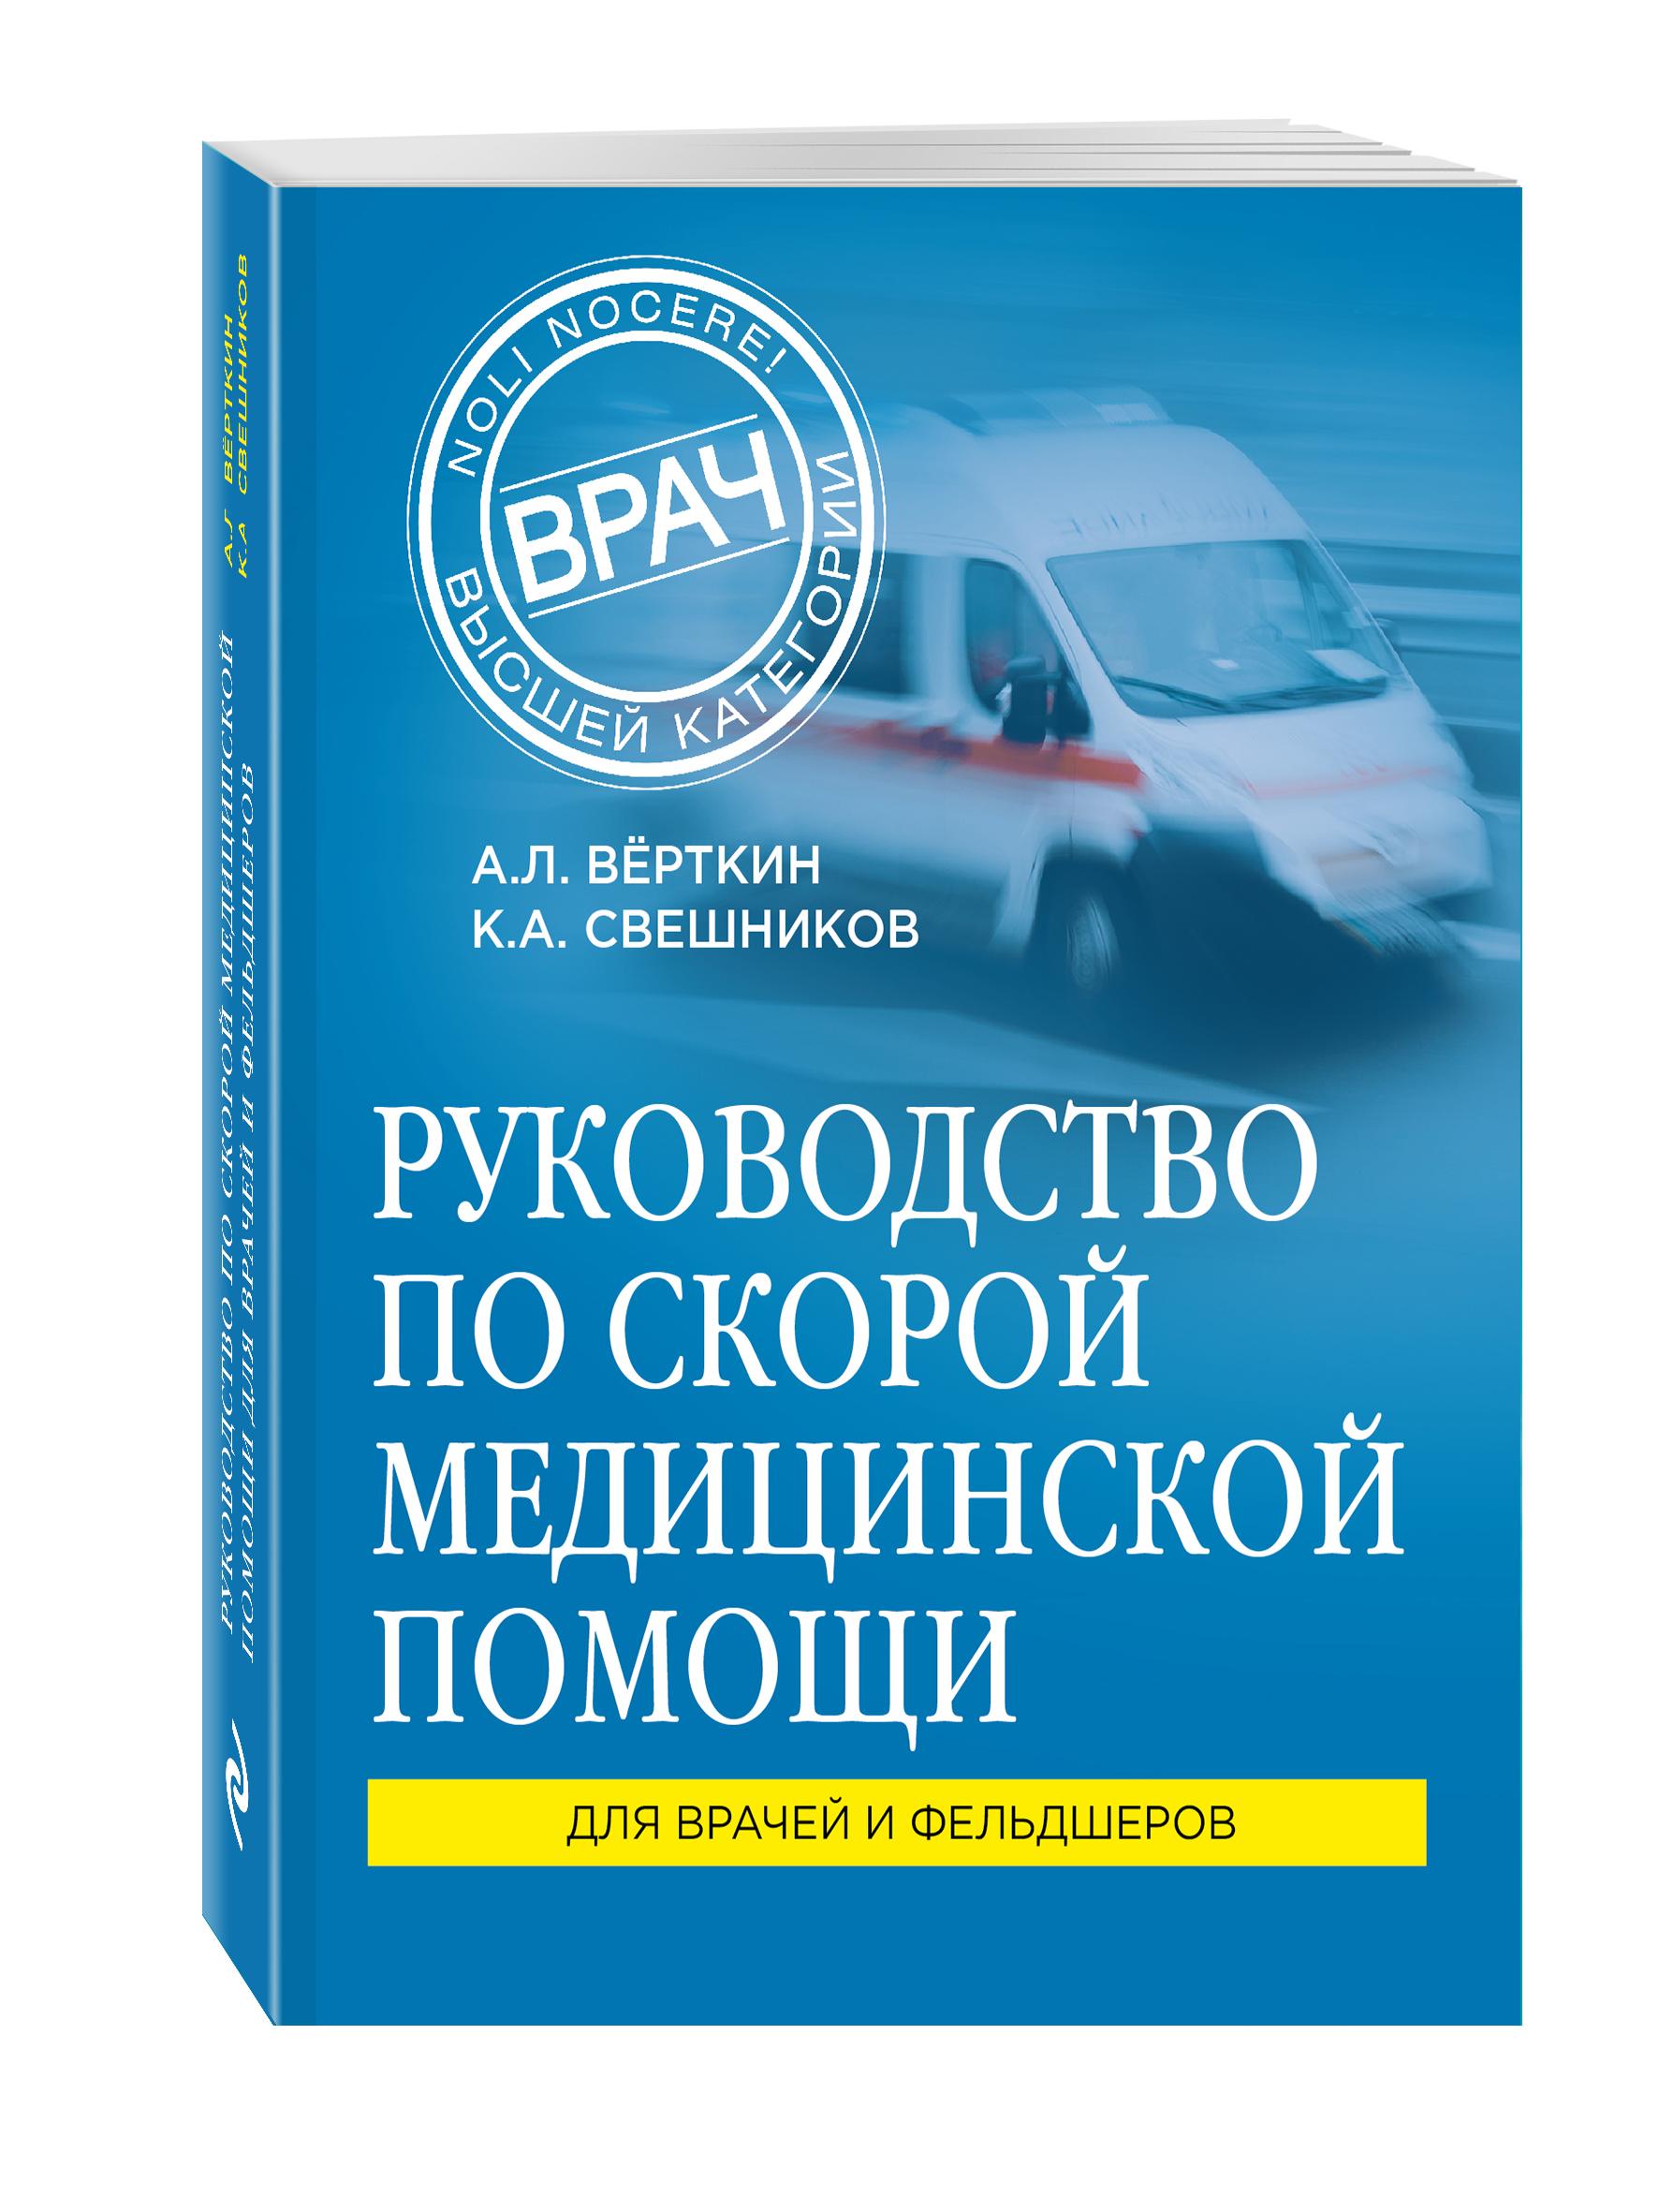 Свешников К.А. Руководство по скорой медицинской помощи футляр укладка для скорой медицинской помощи купить в украине